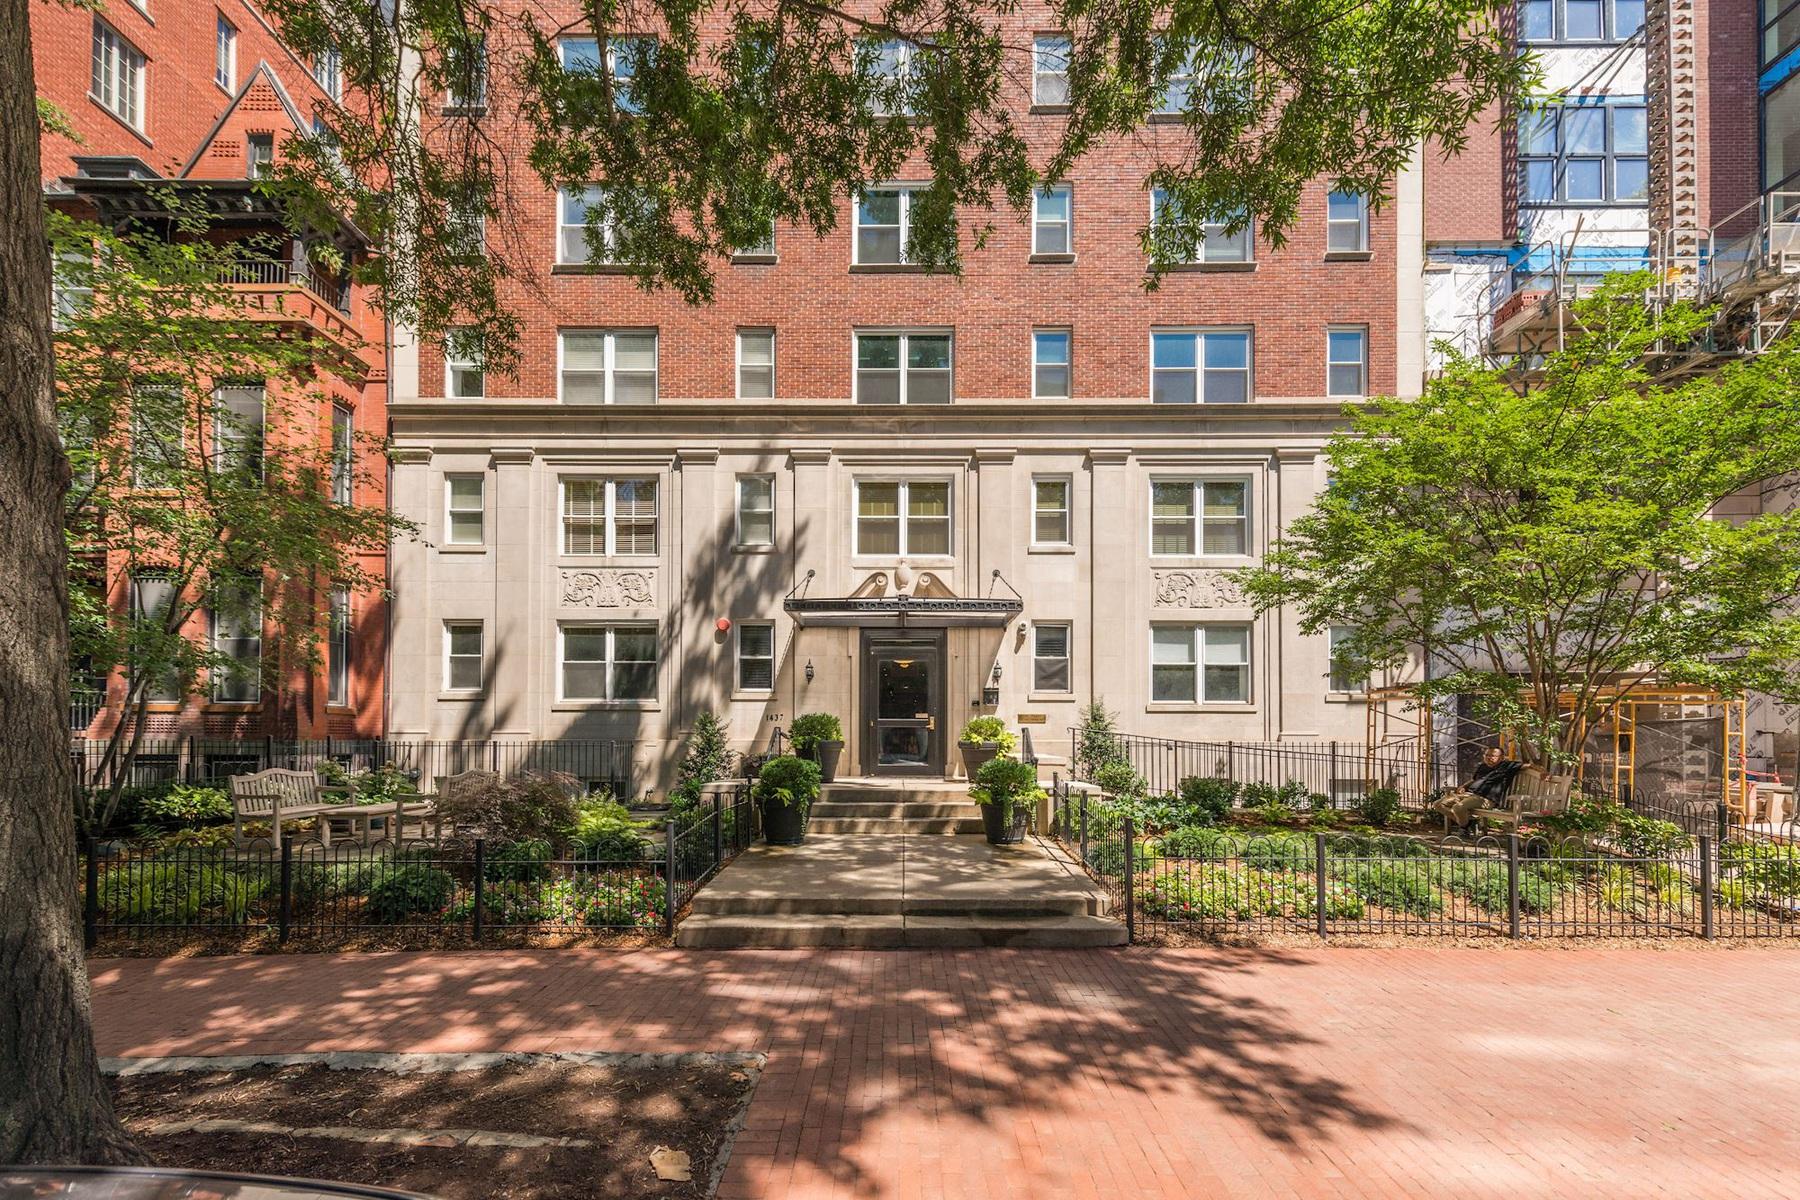 共管式独立产权公寓 为 销售 在 1437 Rhode Island Avenue Nw 104, Washington 华盛顿市, 哥伦比亚特区, 20005 美国